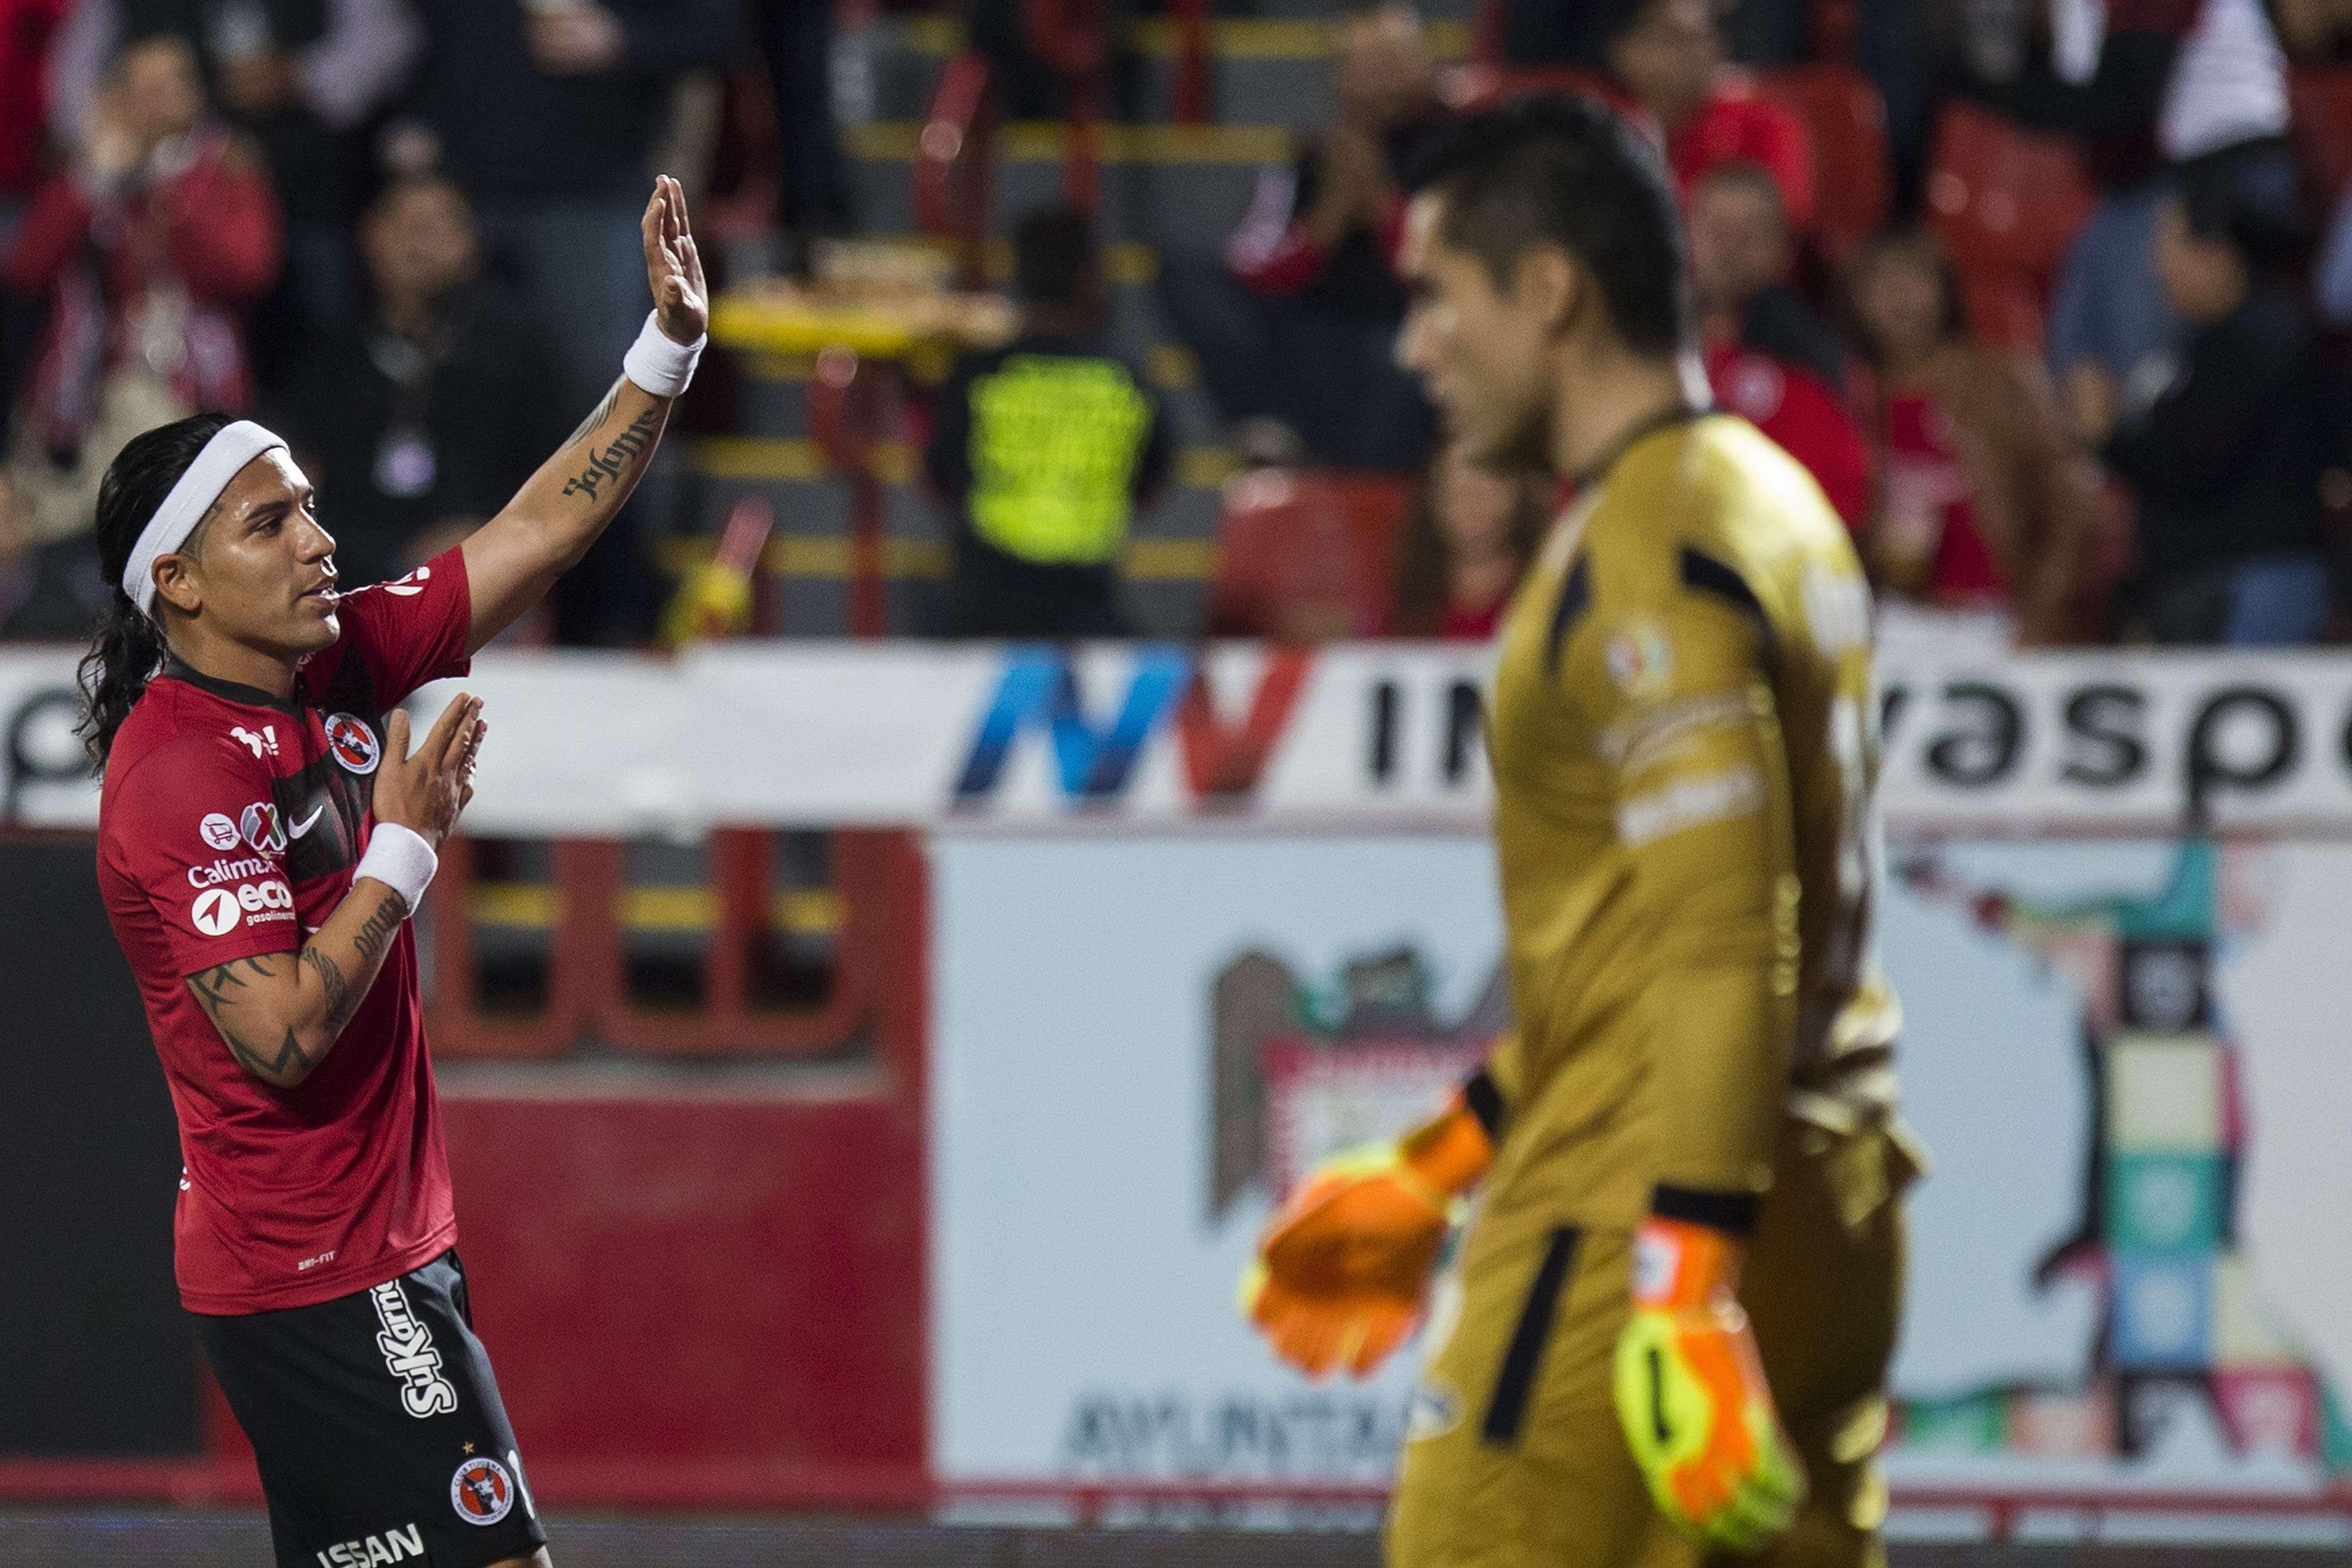 Xolos de Tijuana vencieron 3-2 al León y lo dejaron a un pasito de quedar fuera de la Liguilla del torneo. Foto: Mexsport